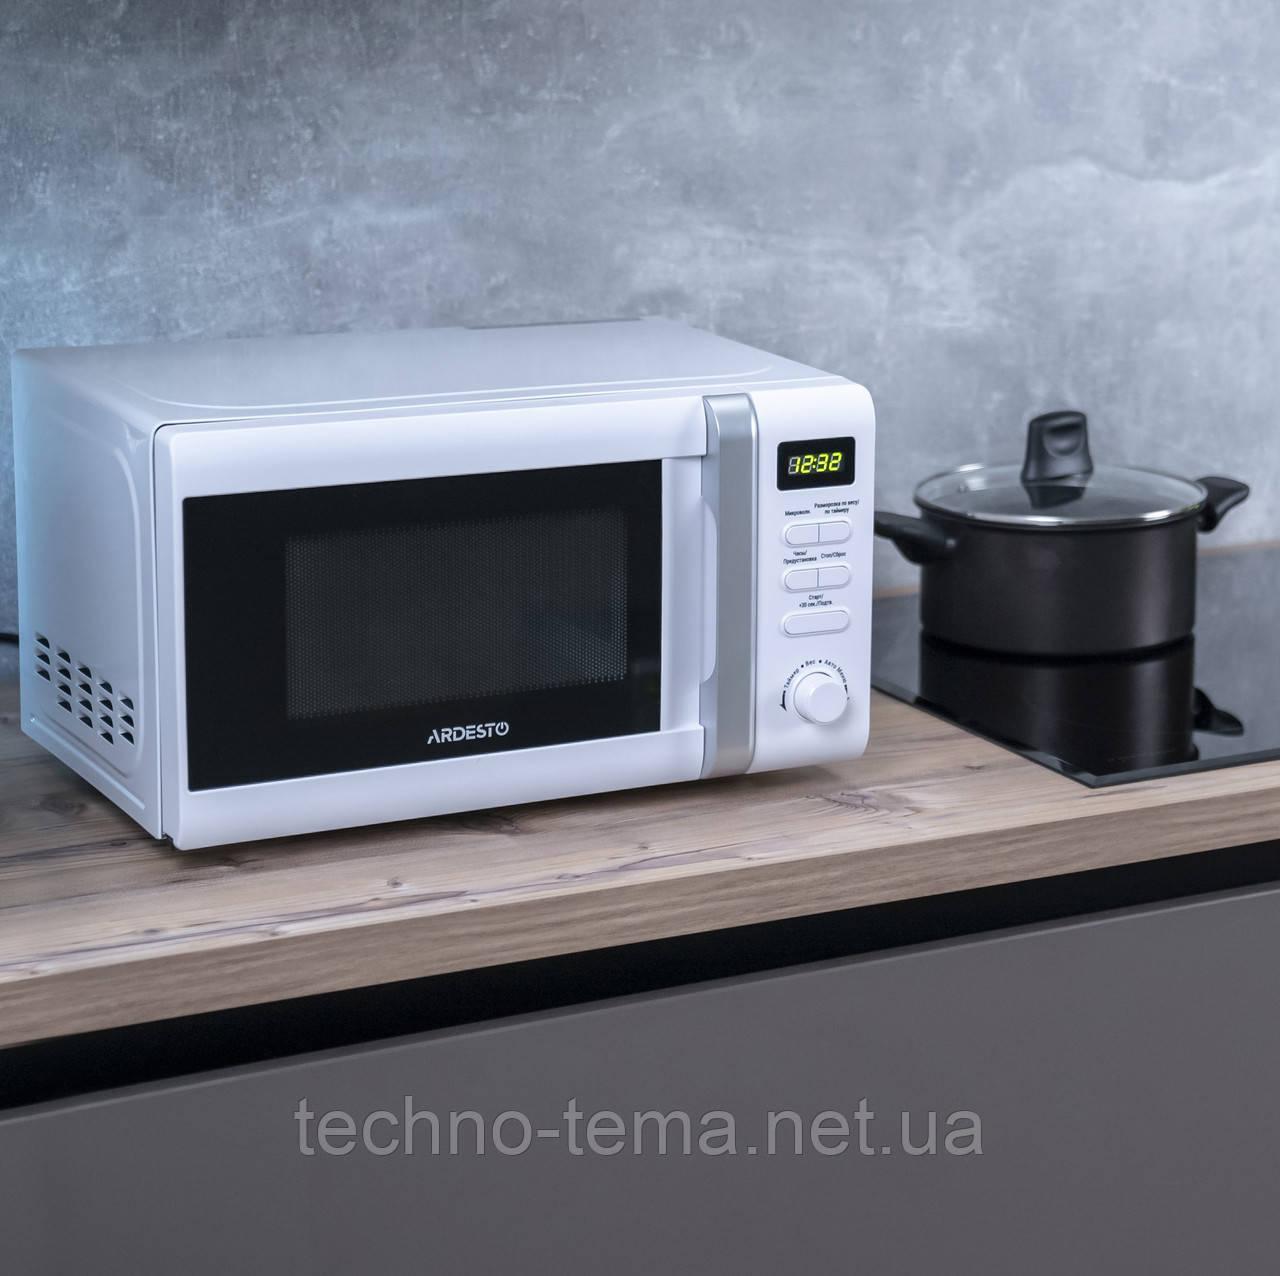 Микроволновая печь 20 литров Ardesto MO-S730W